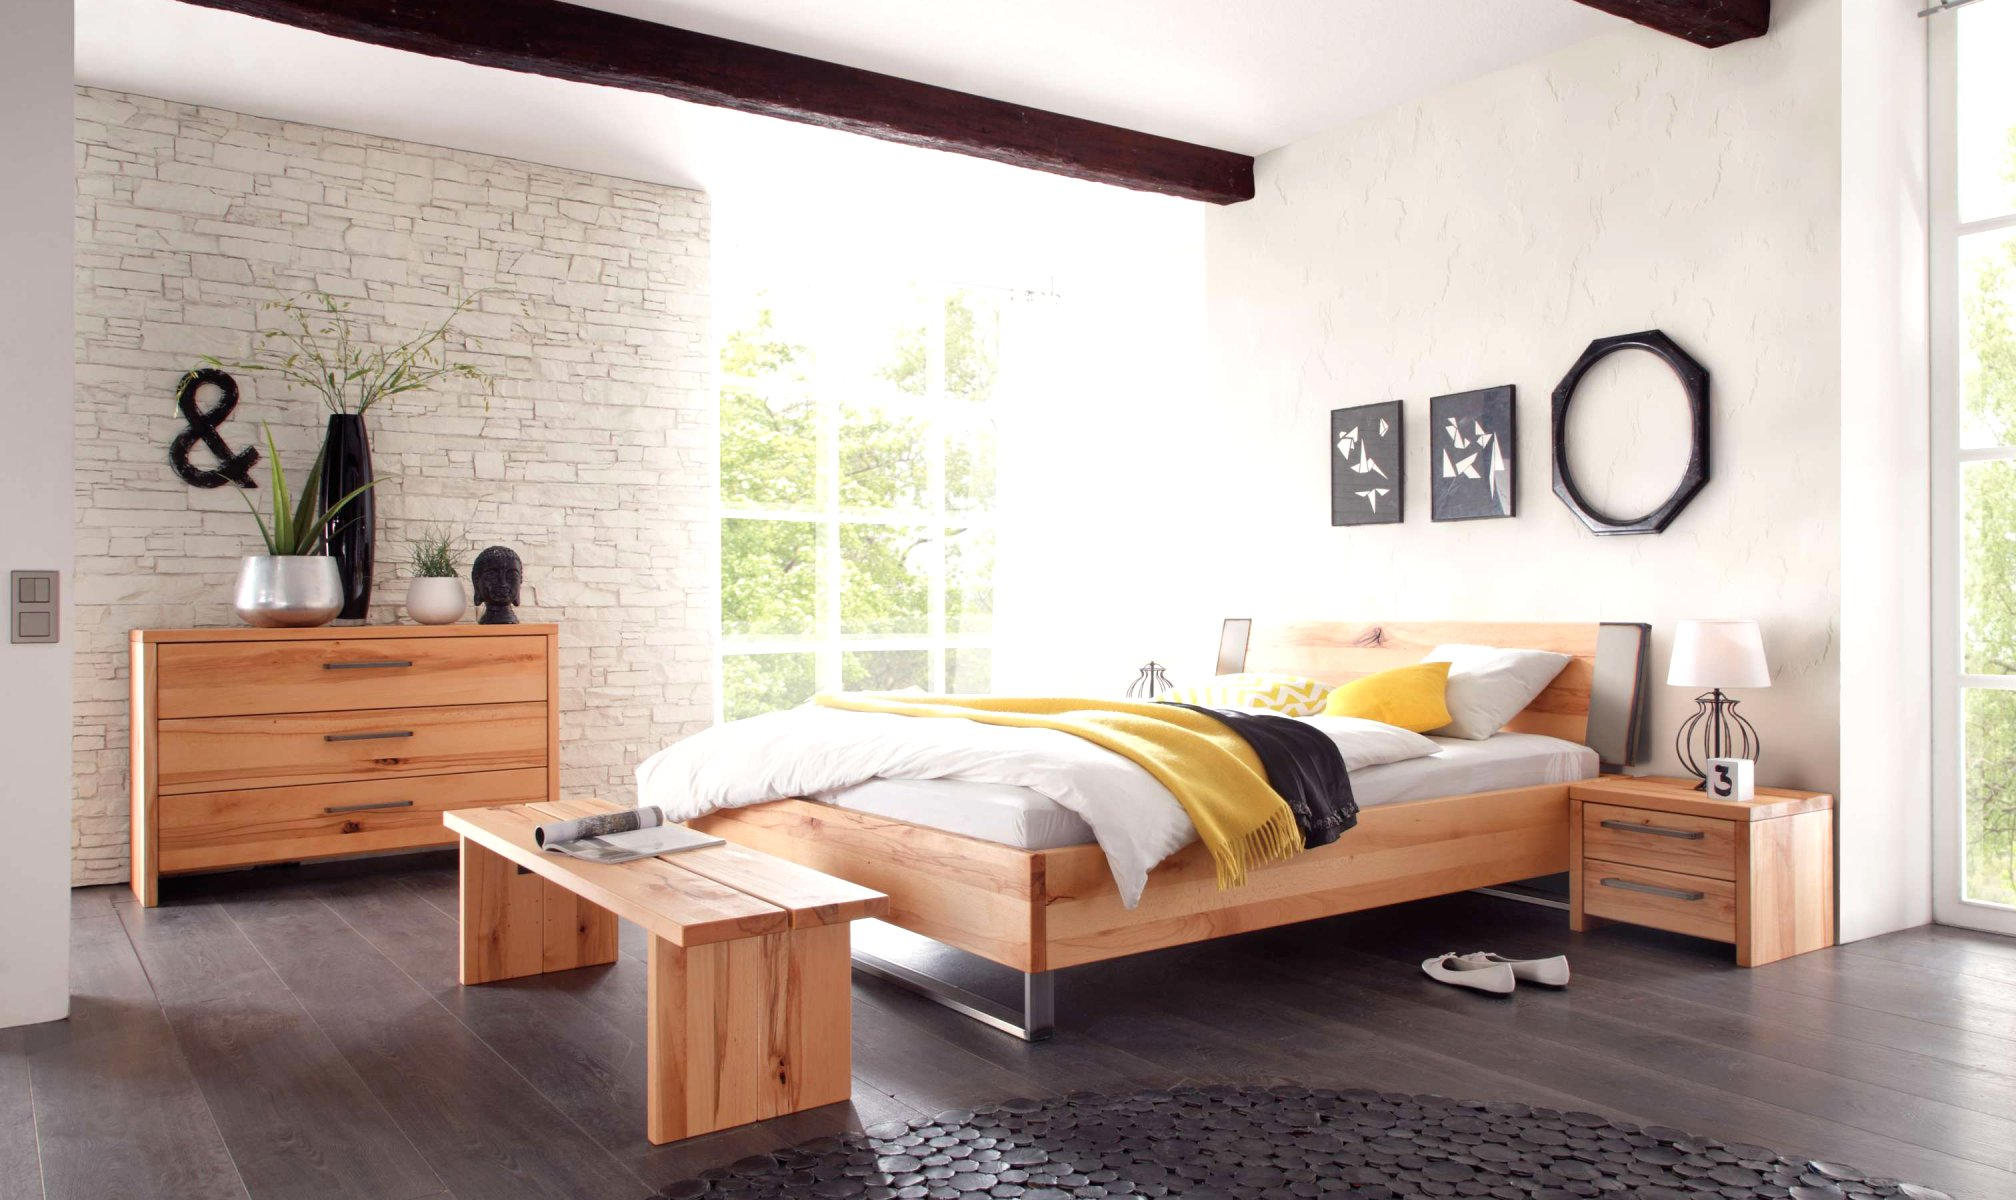 wasserbett oder gelbett komplett wood wild mit sion capa. Black Bedroom Furniture Sets. Home Design Ideas